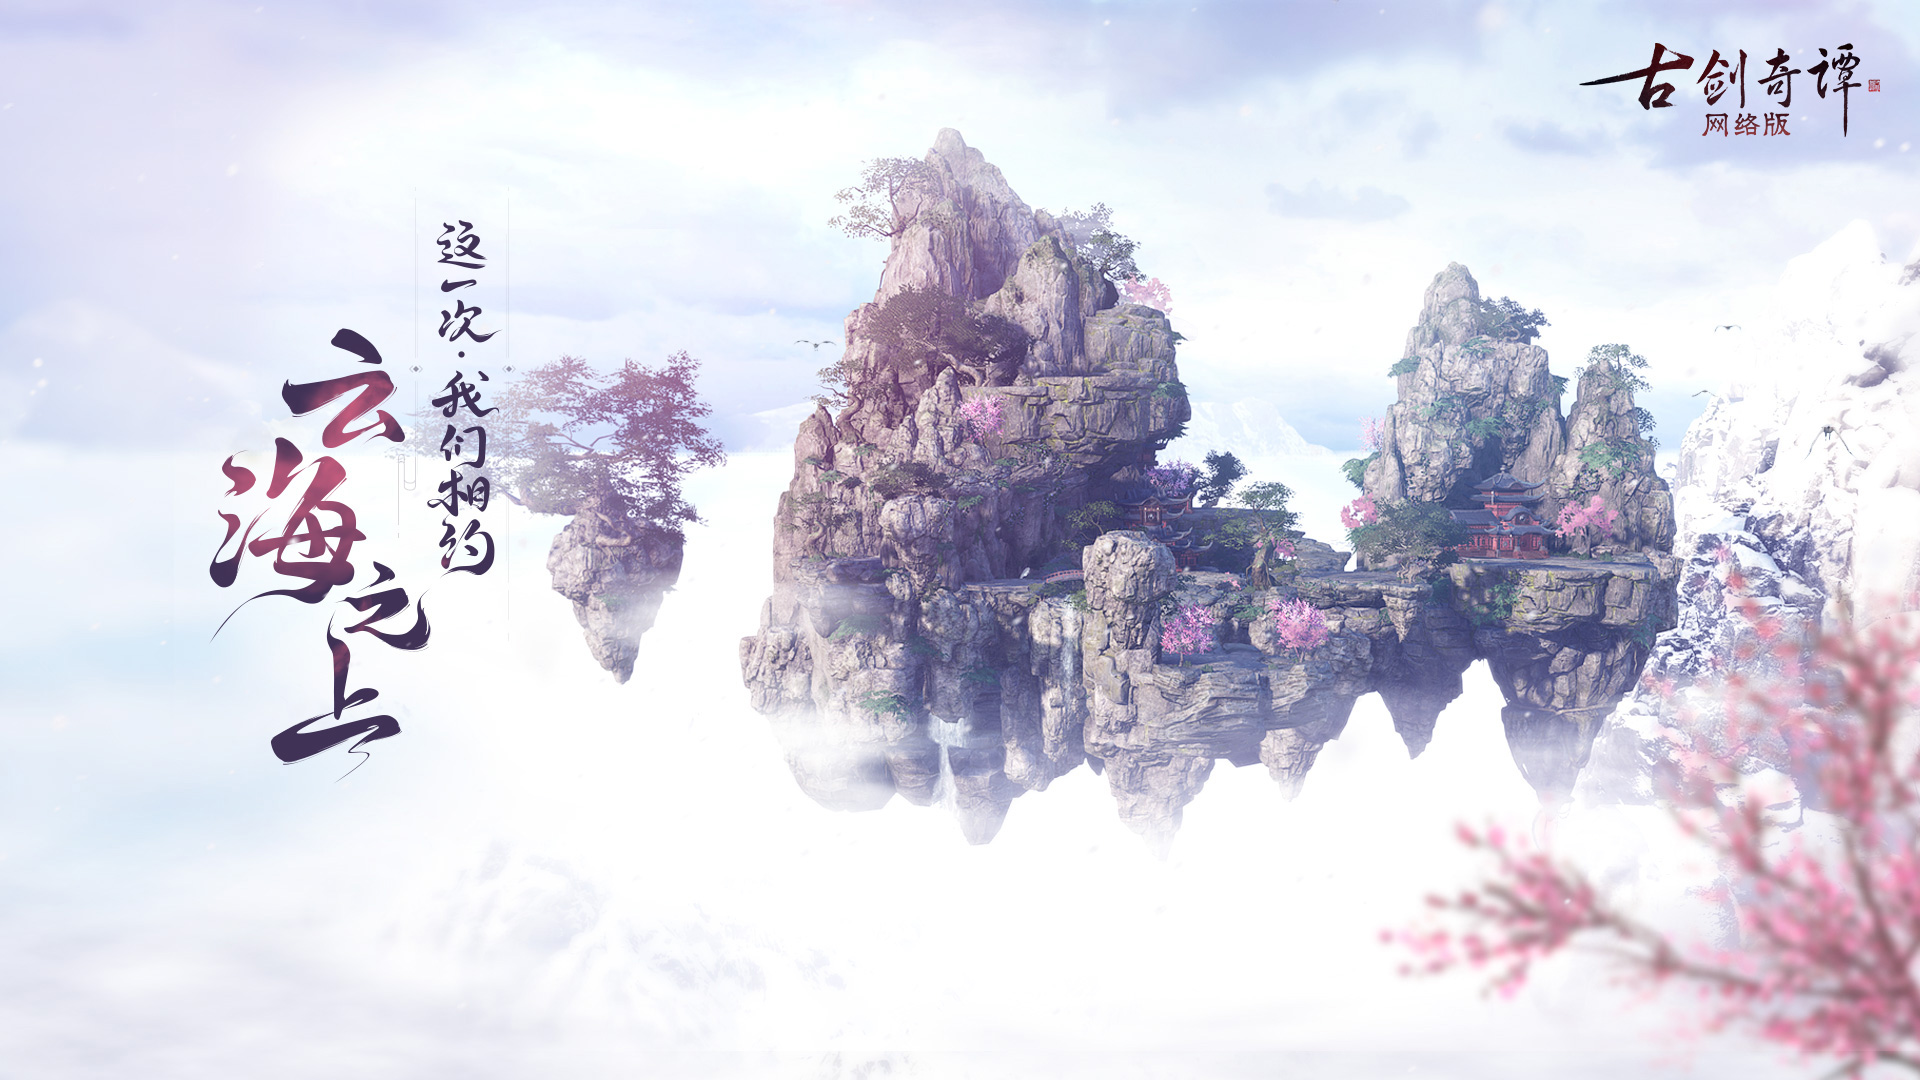 《古剑奇谭OL》飞行系统首曝!开启全民仙侠飞行时代!